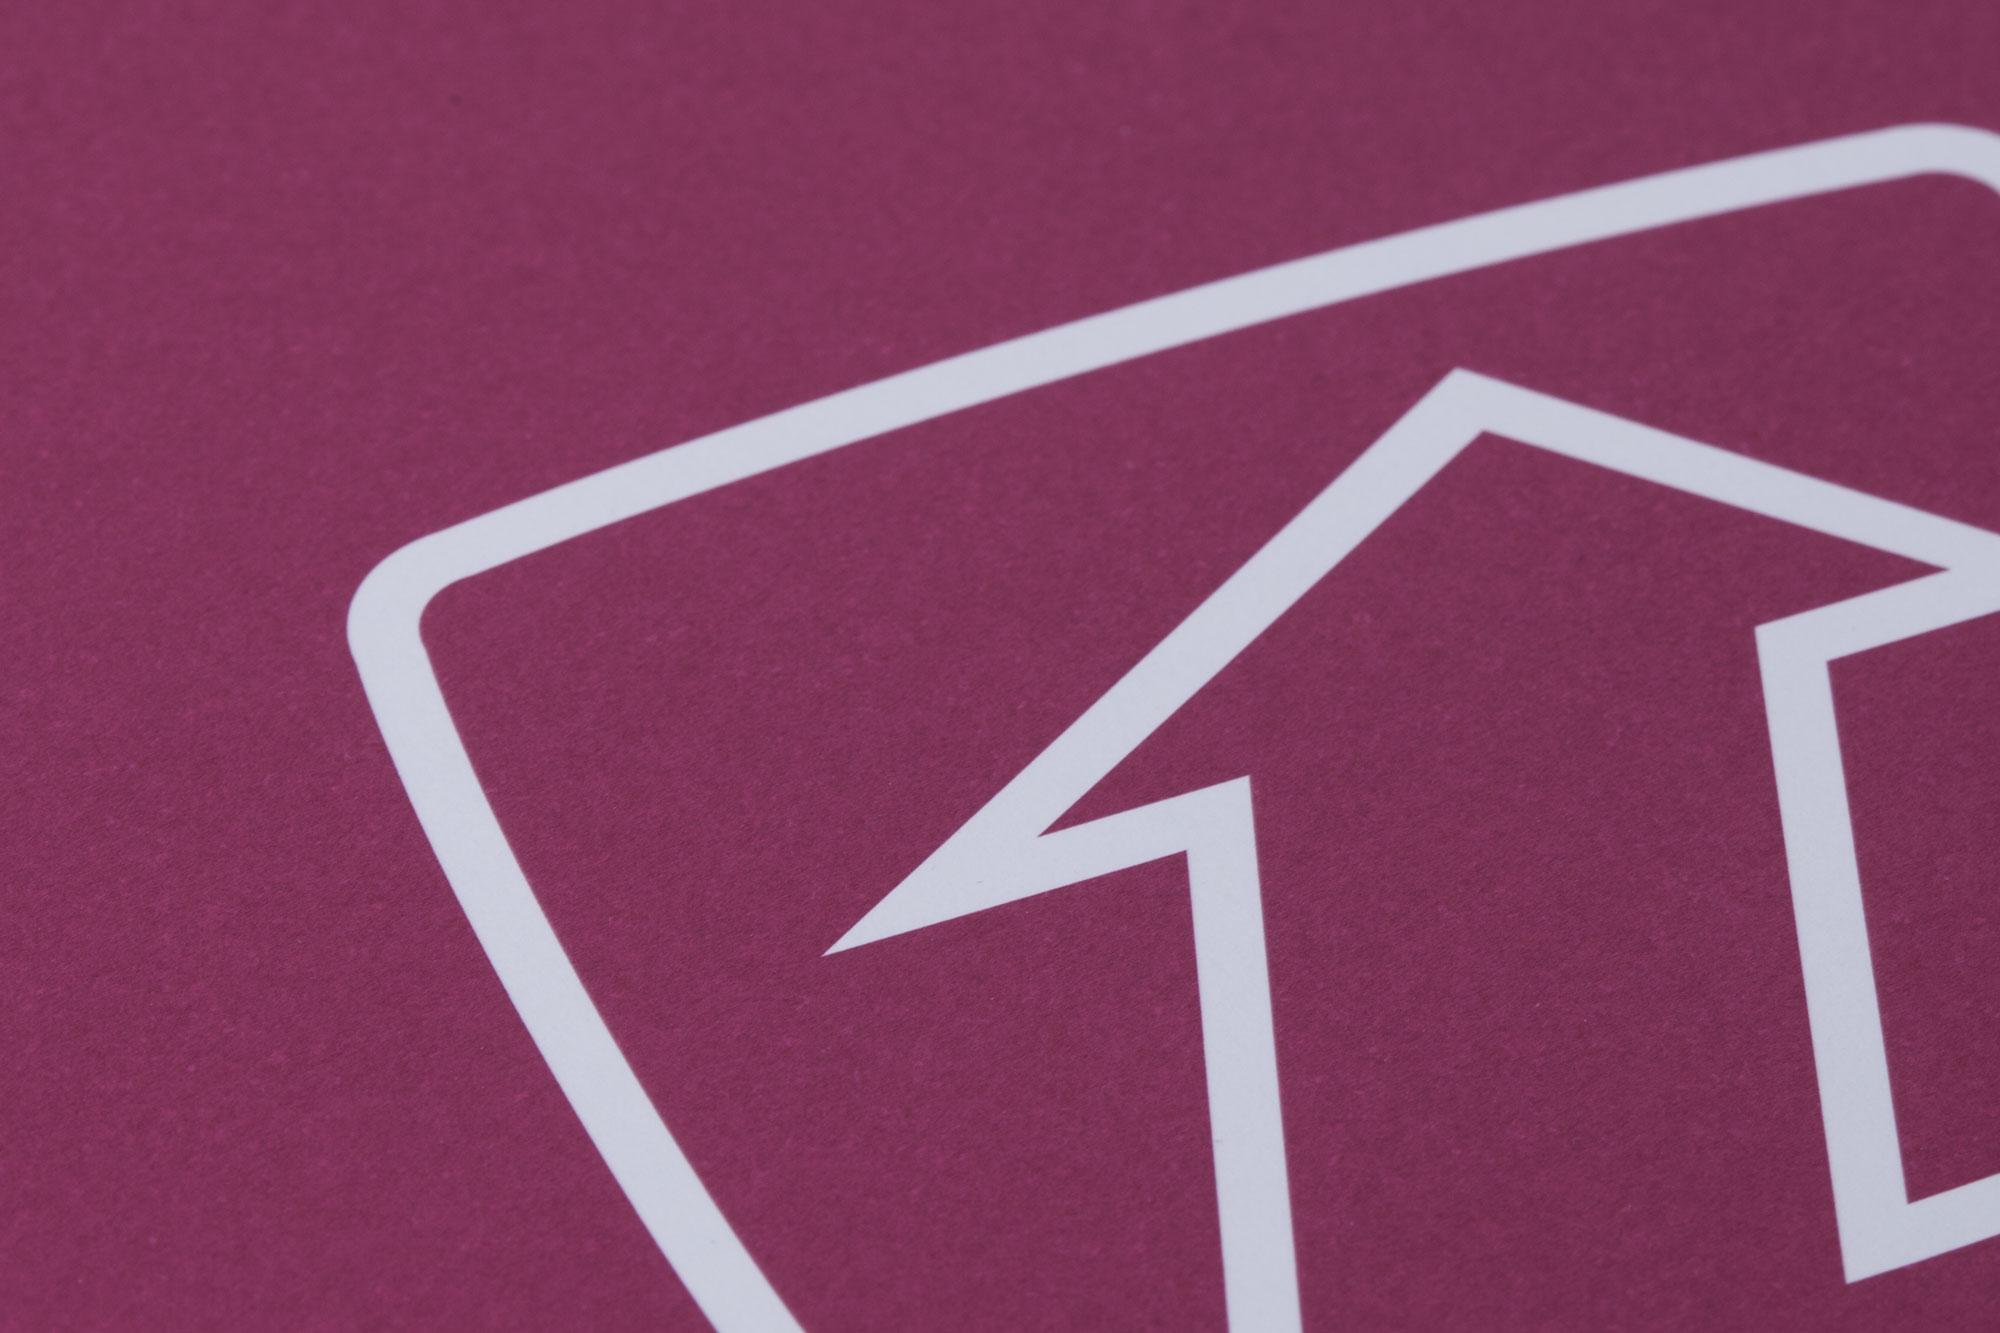 75a gestaltet die Geschäftsausstattung der telemedia GmbH